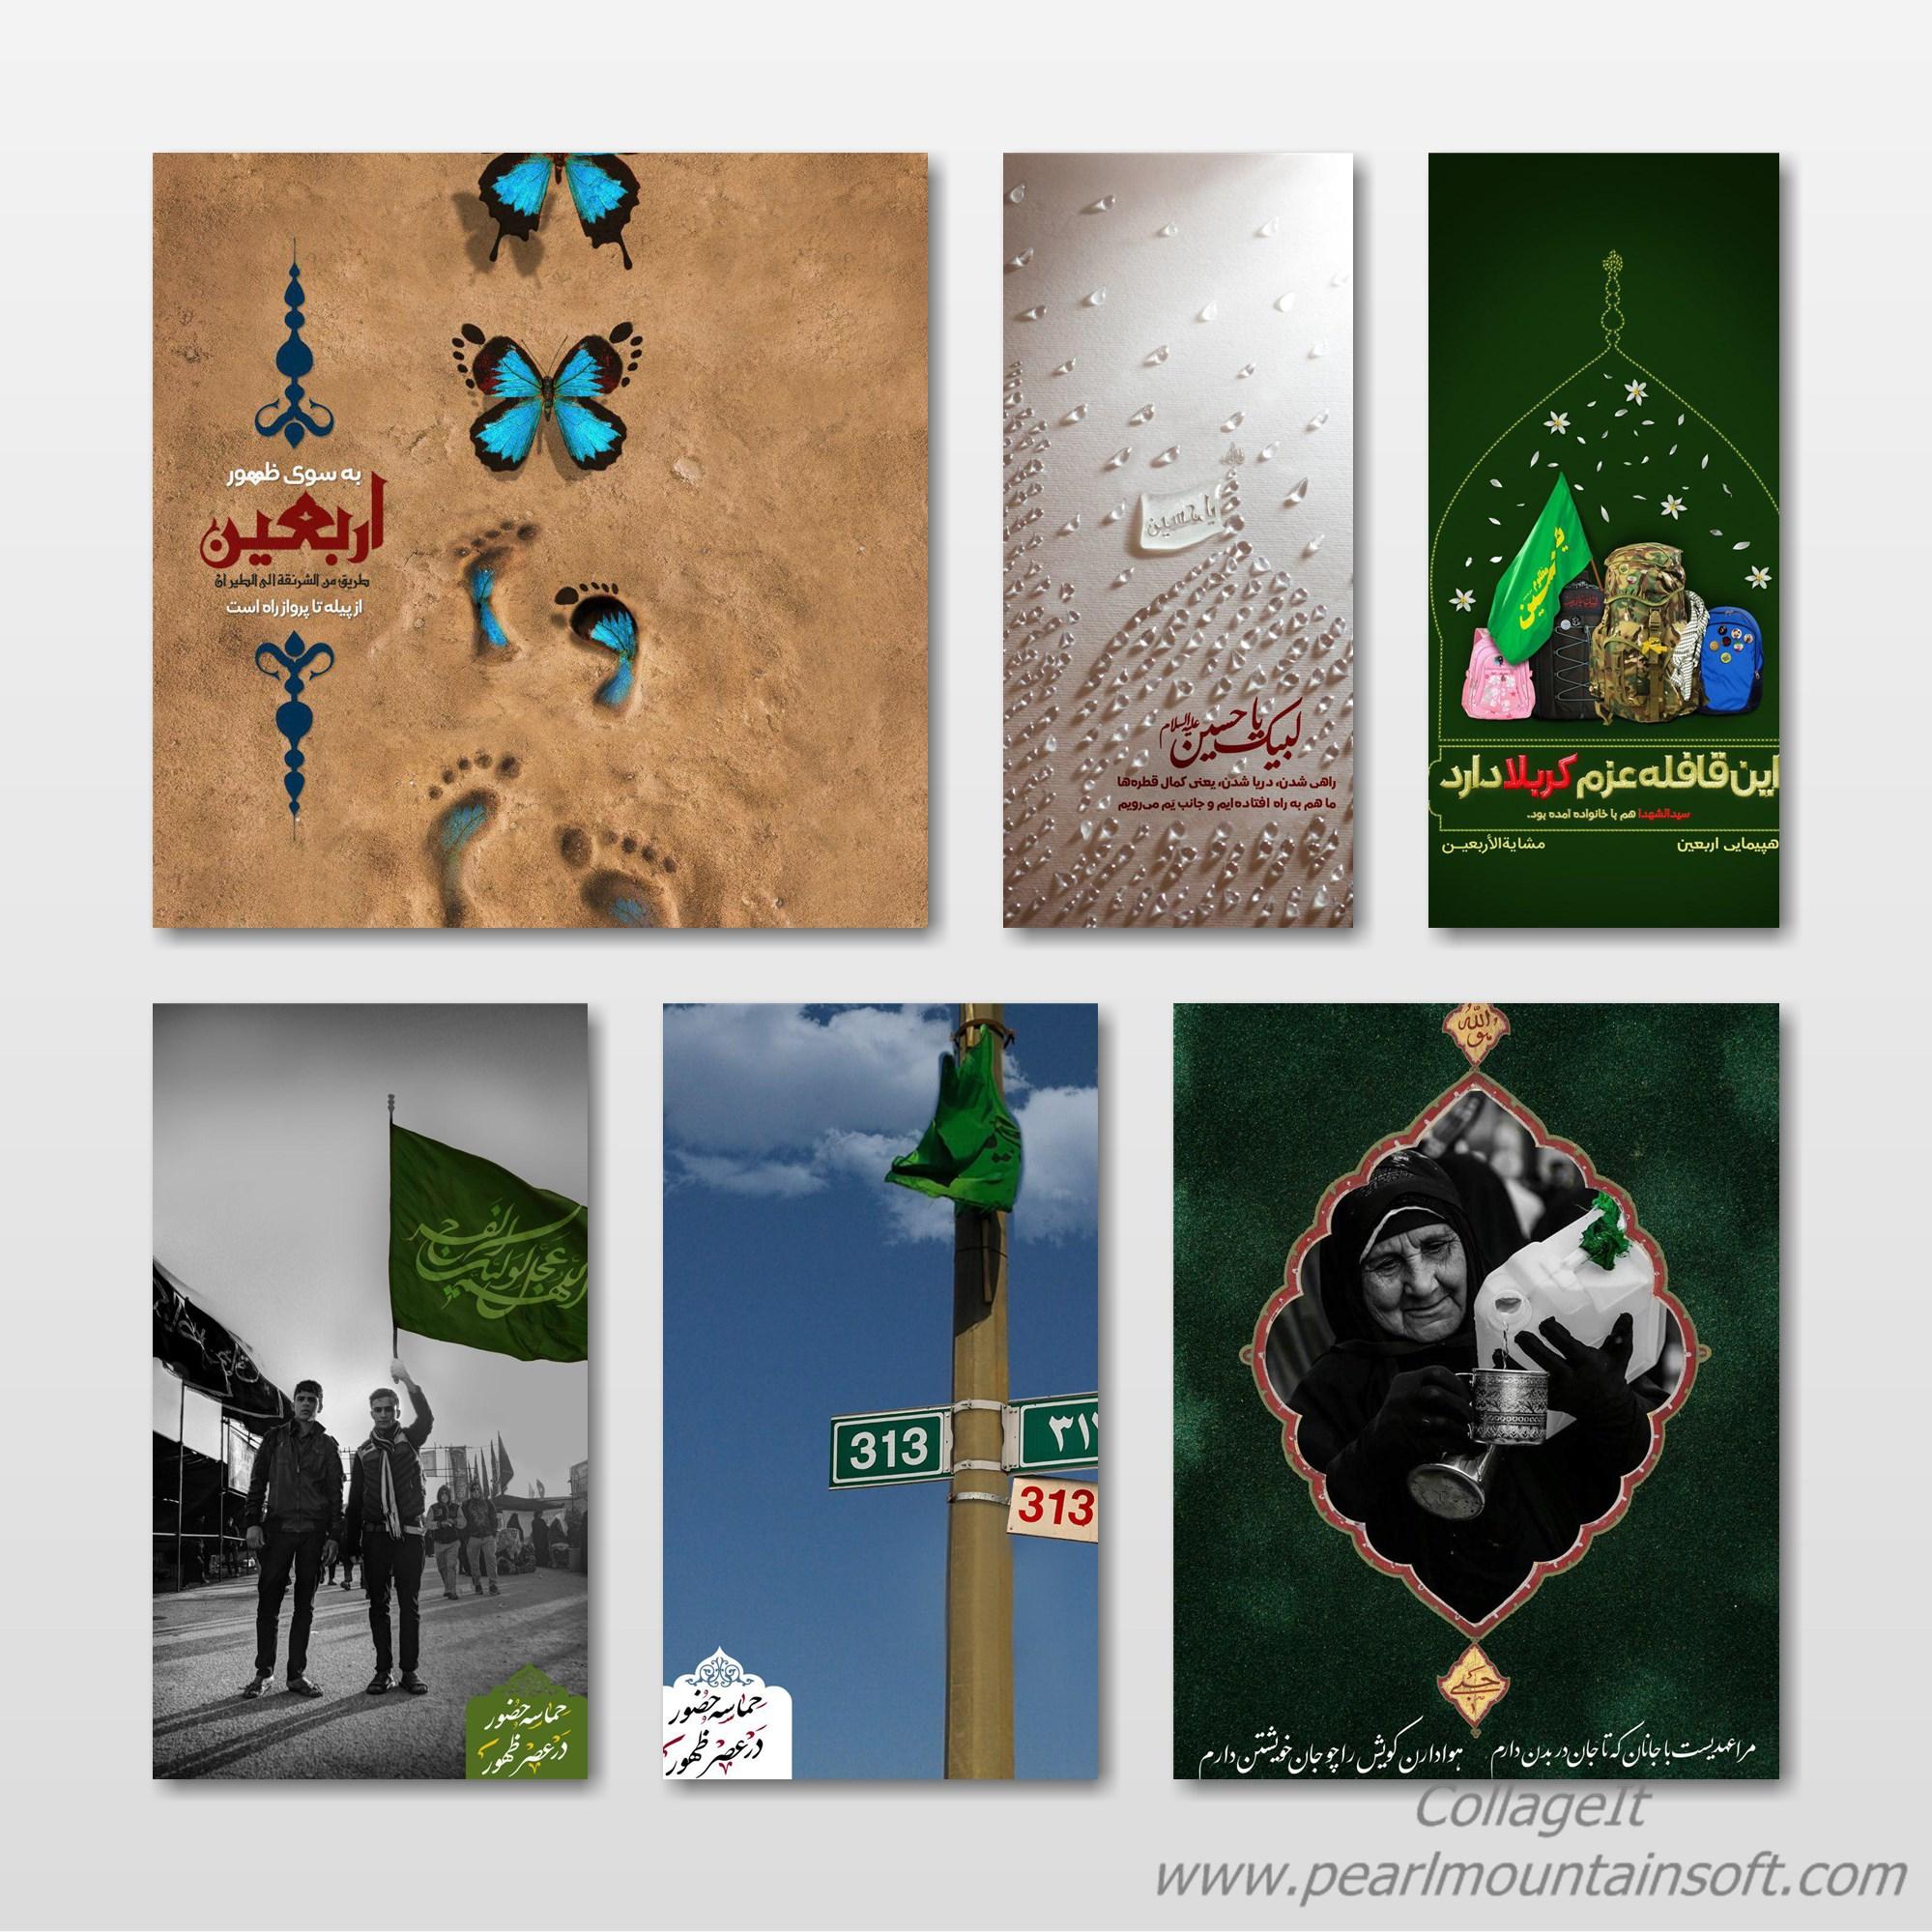 پوستر ویژه اربعین + تصاویر پوستر پوستر ویژه اربعین + تصاویر